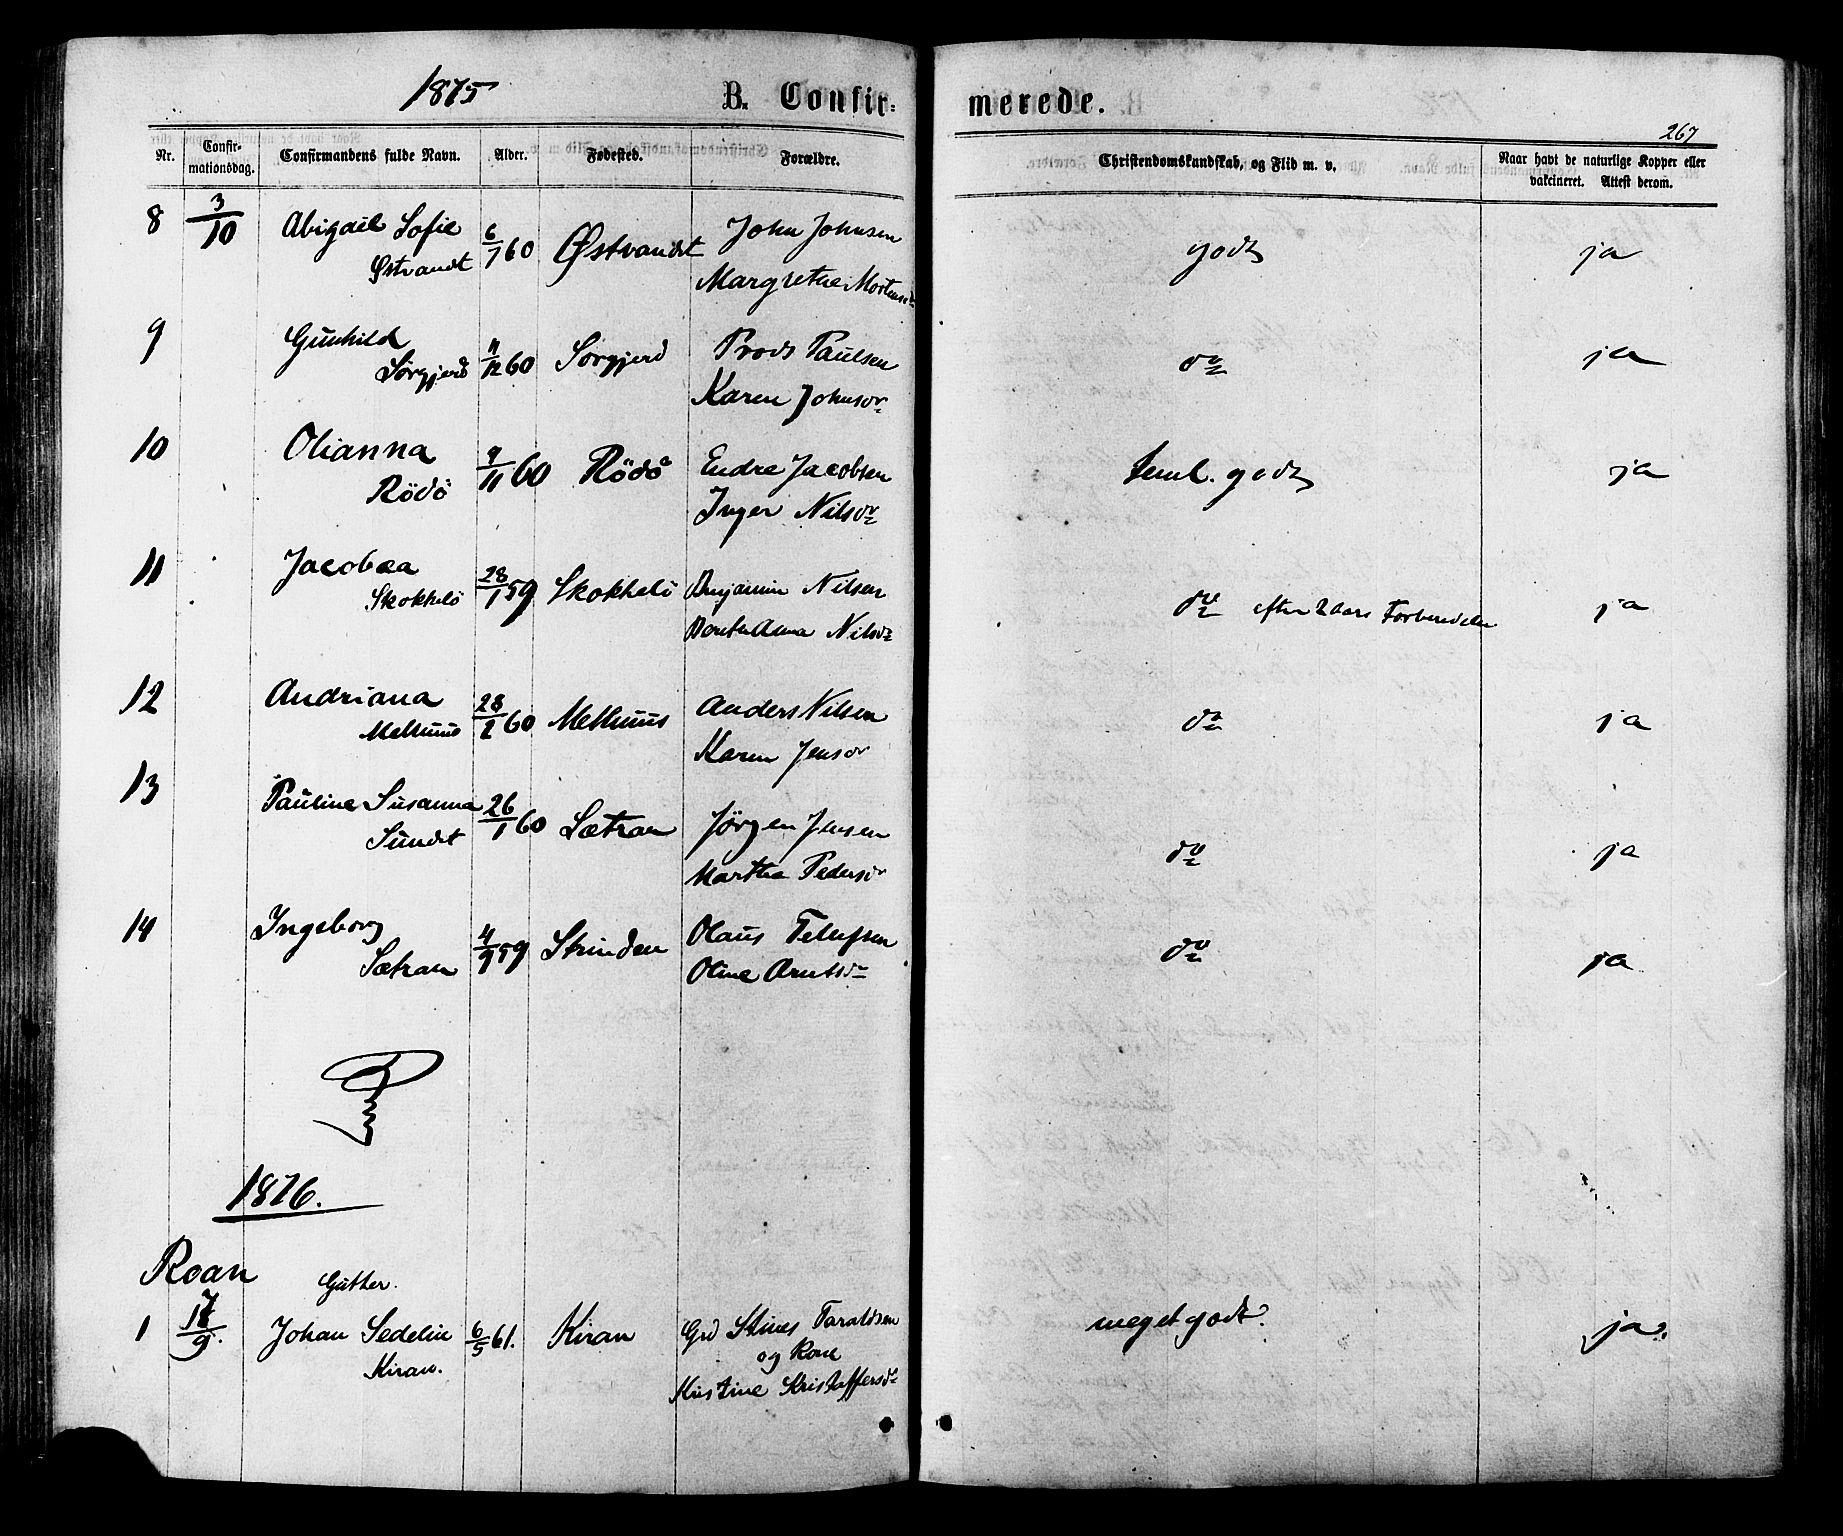 SAT, Ministerialprotokoller, klokkerbøker og fødselsregistre - Sør-Trøndelag, 657/L0706: Ministerialbok nr. 657A07, 1867-1878, s. 267